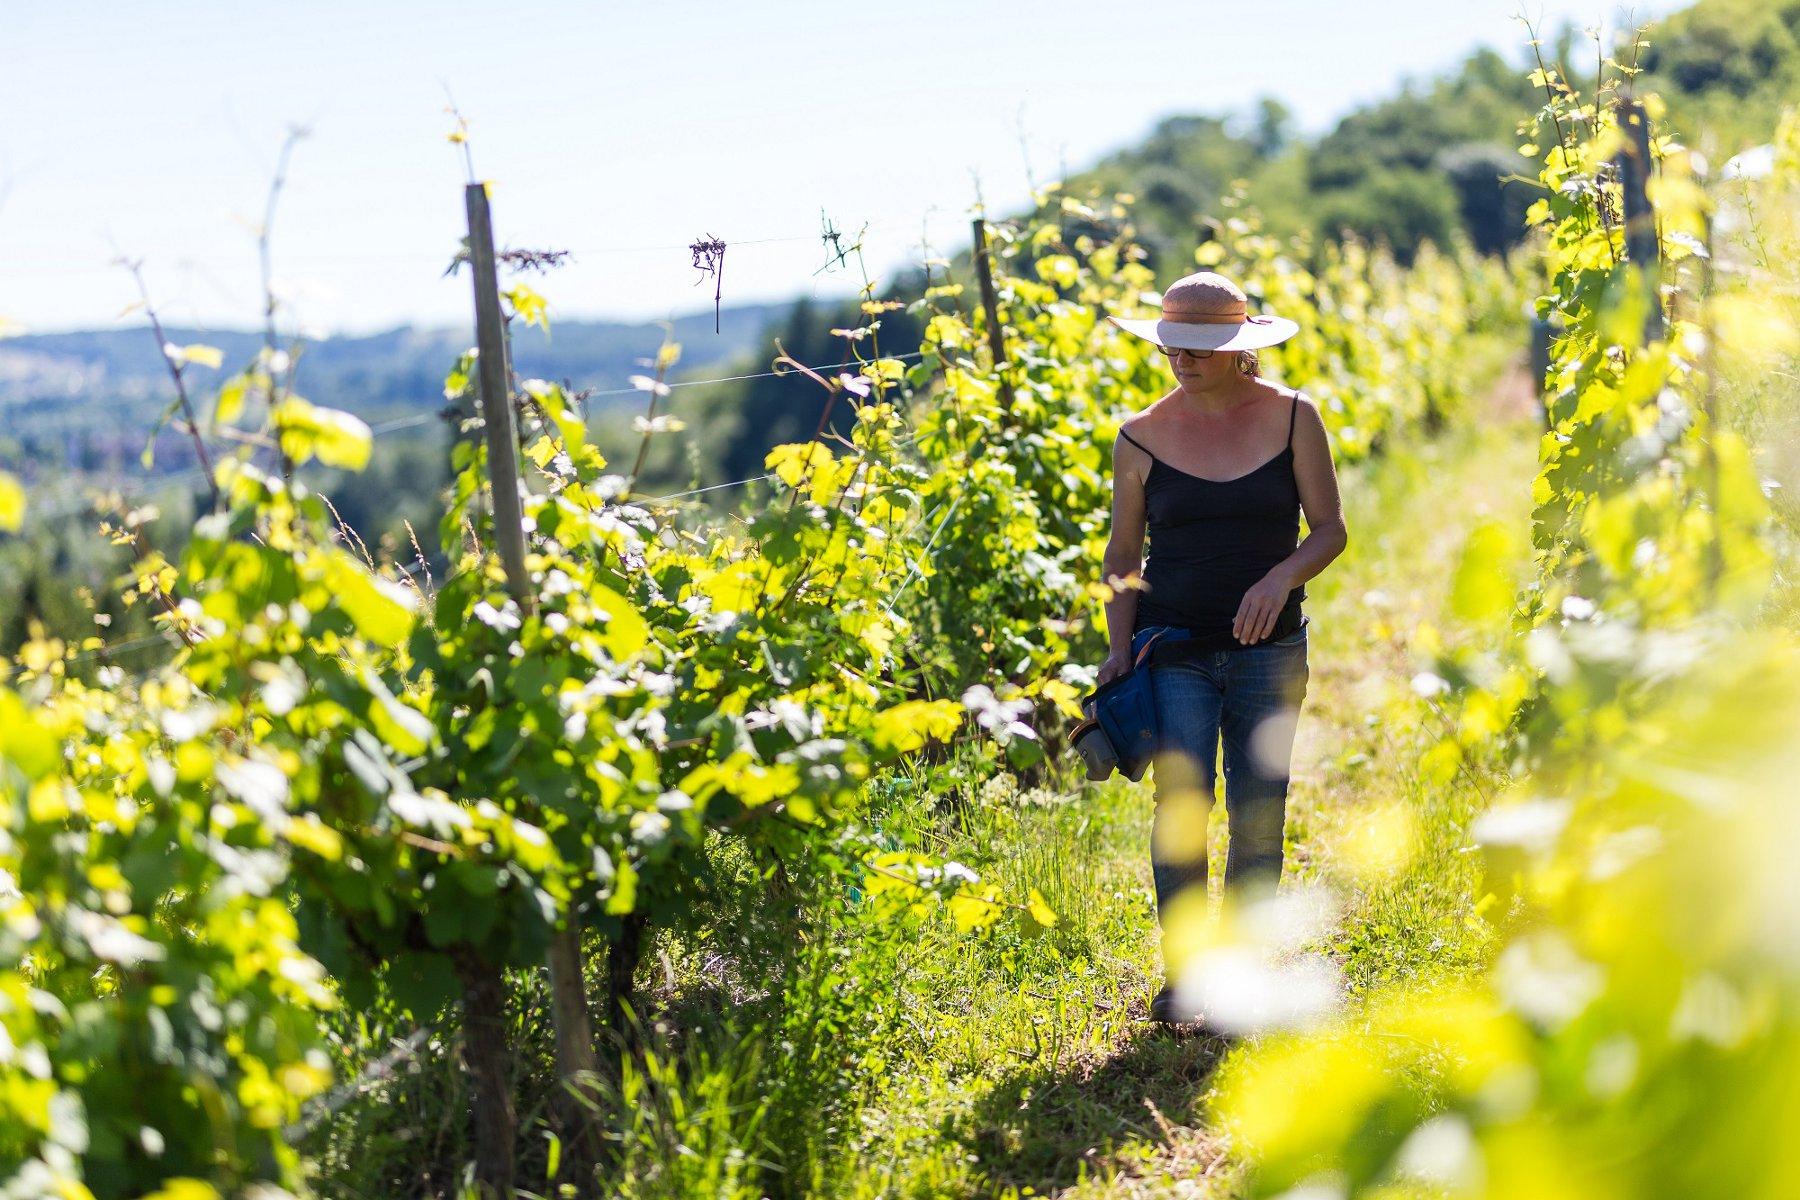 The Côte 425 wine path